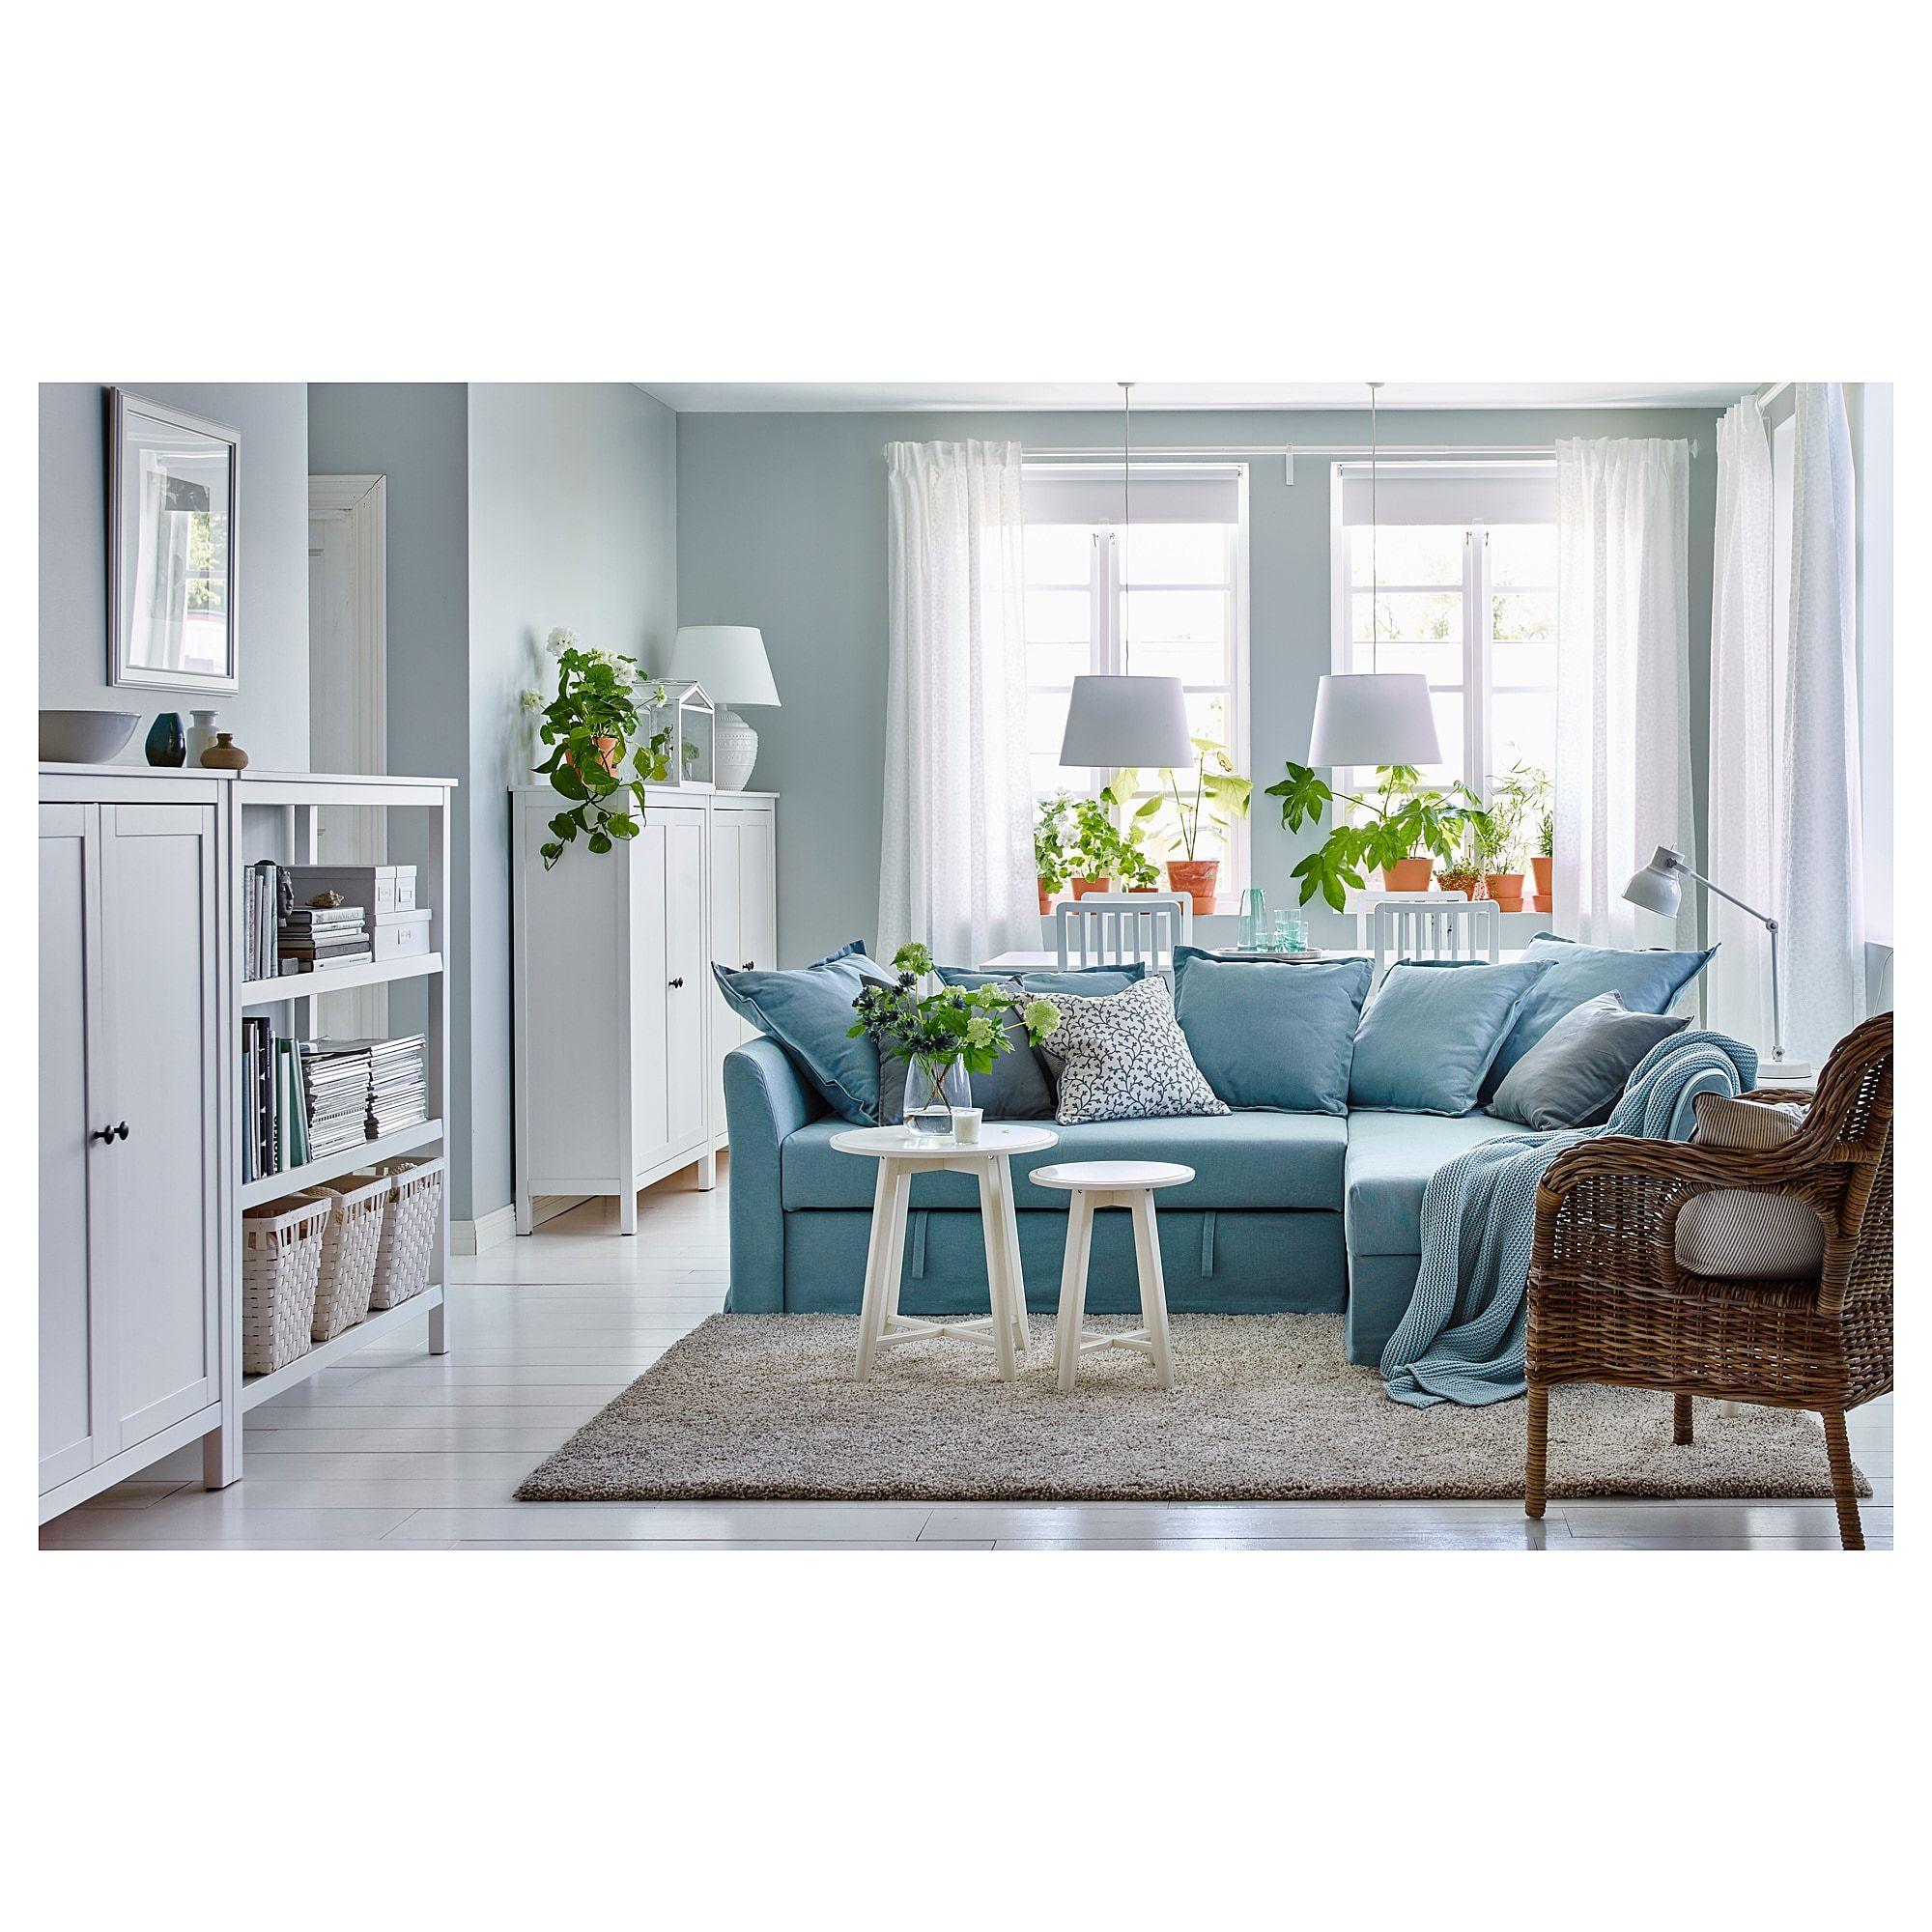 IKEA HOLMSUND Corner sofabed Orrsta light blue Living